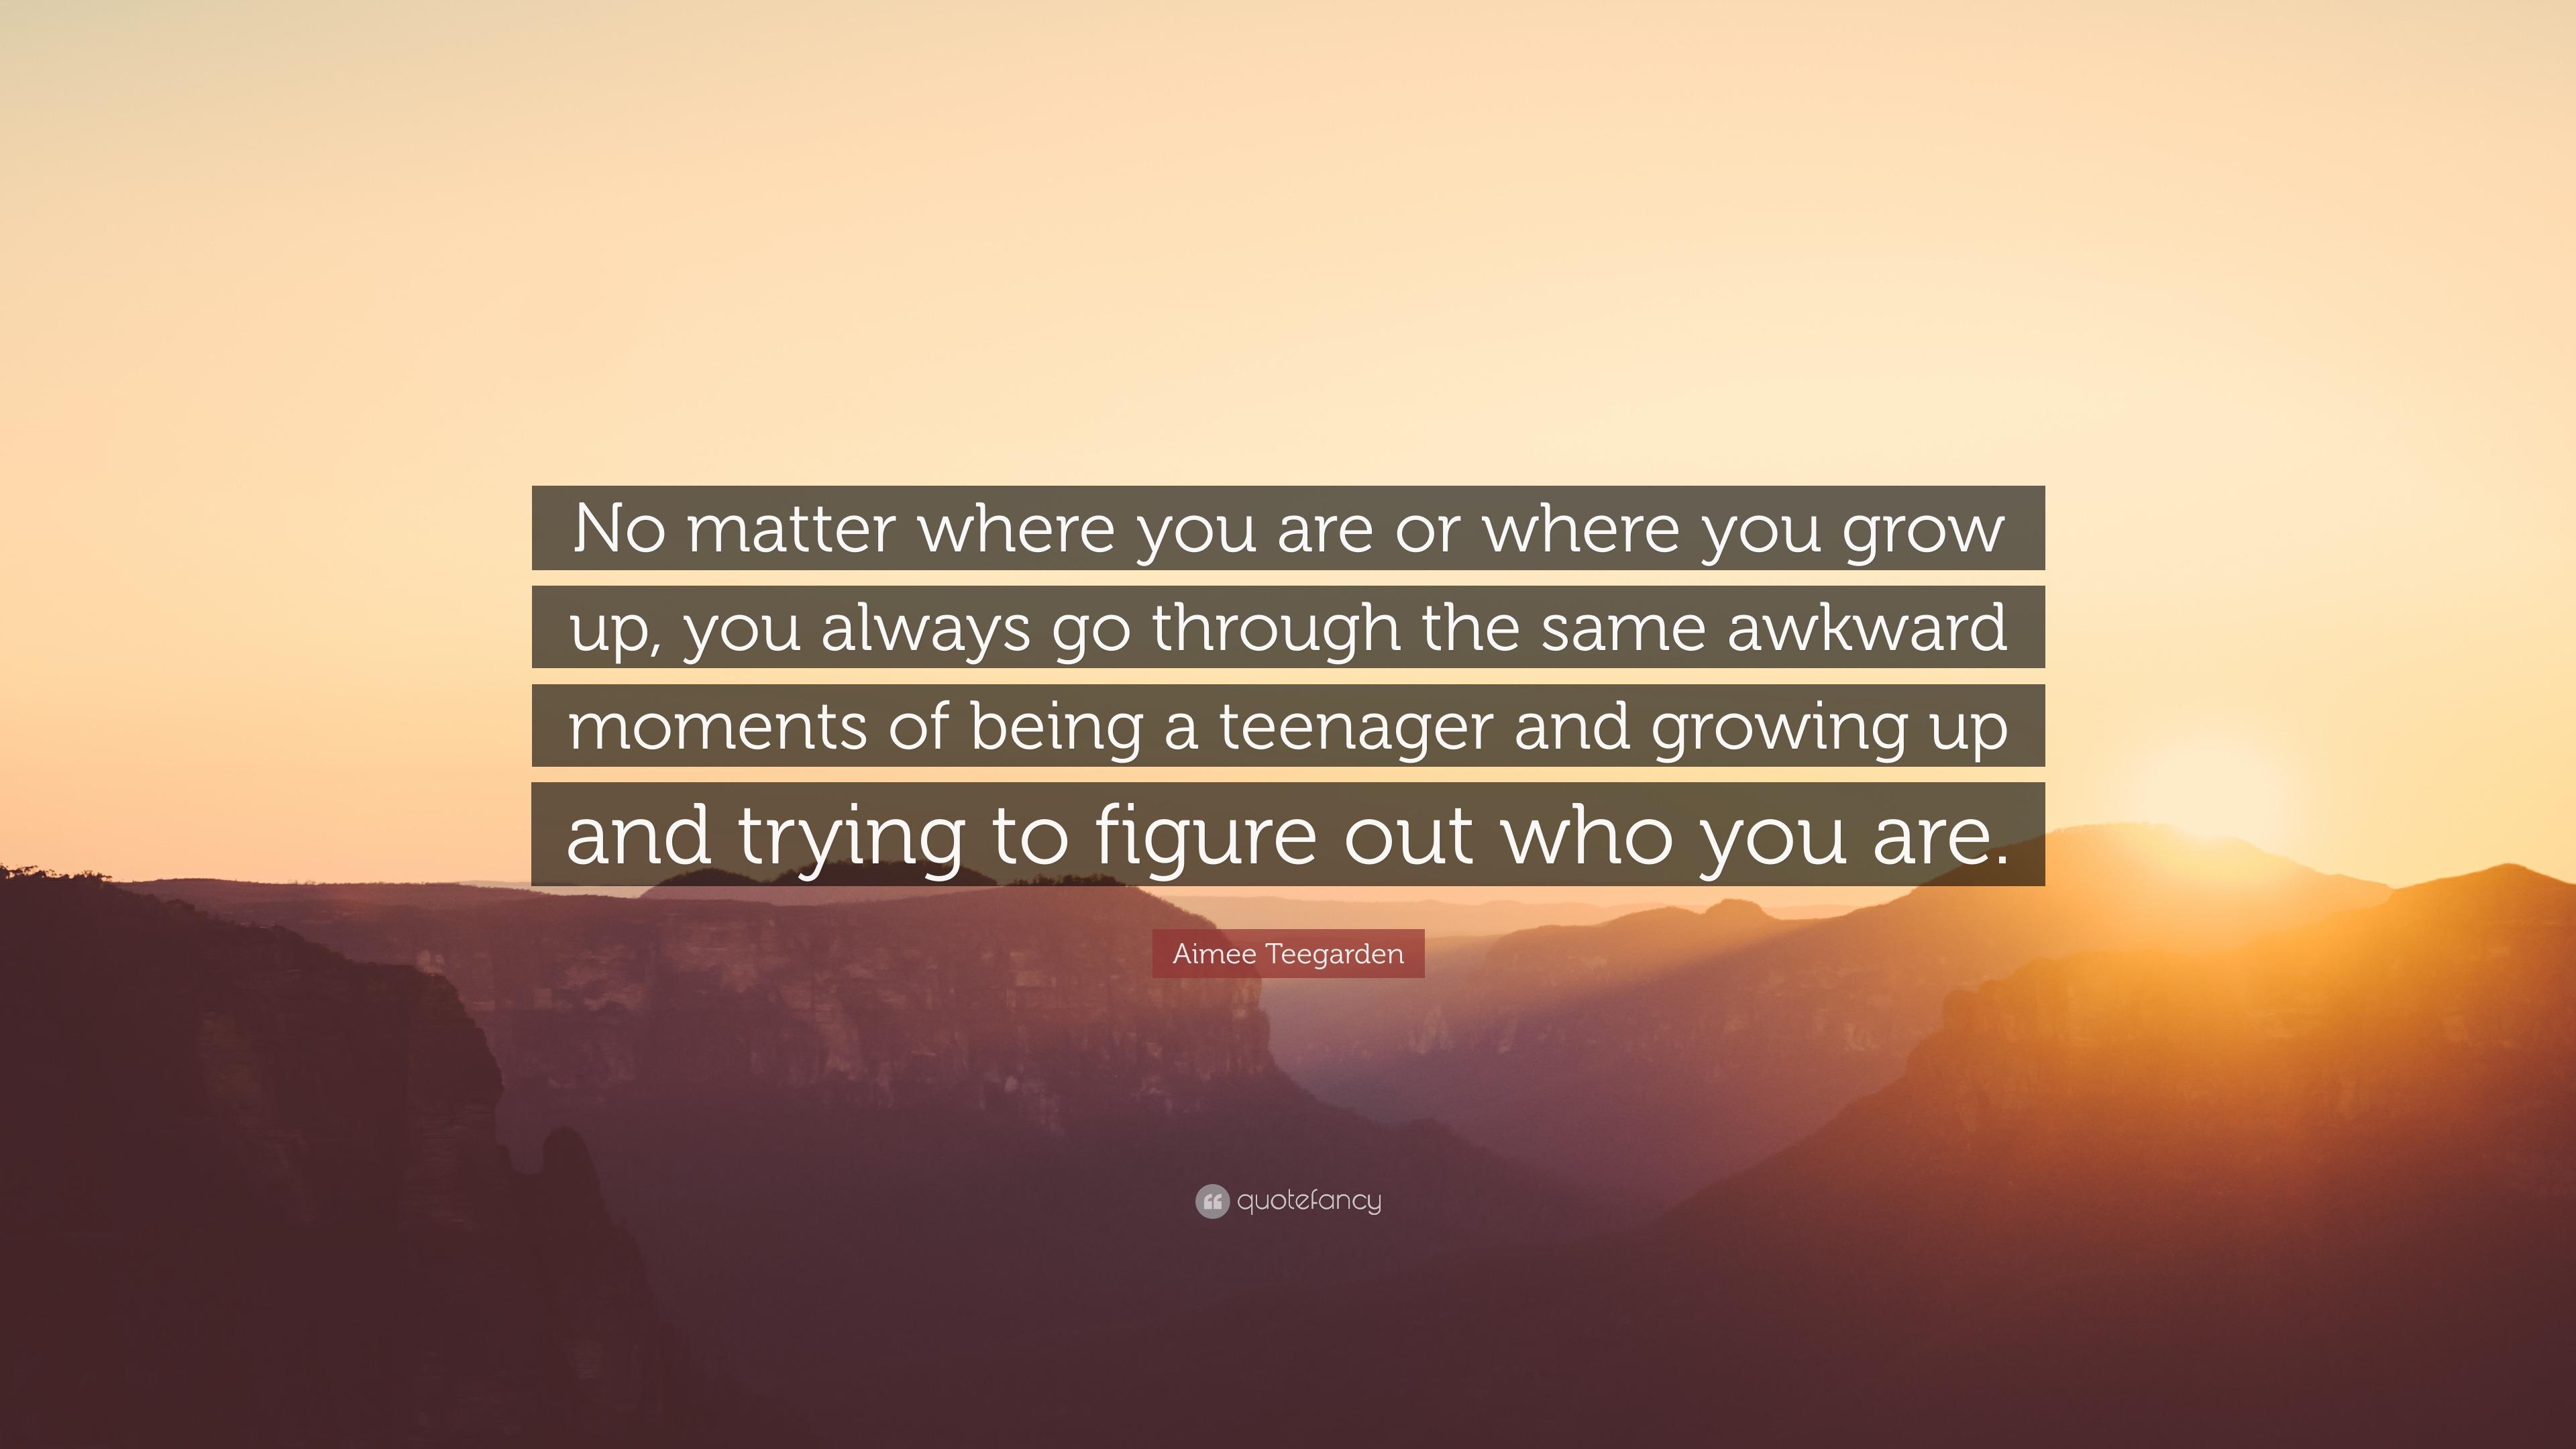 aimee teegarden quotes (10 wallpapers) - quotefancy